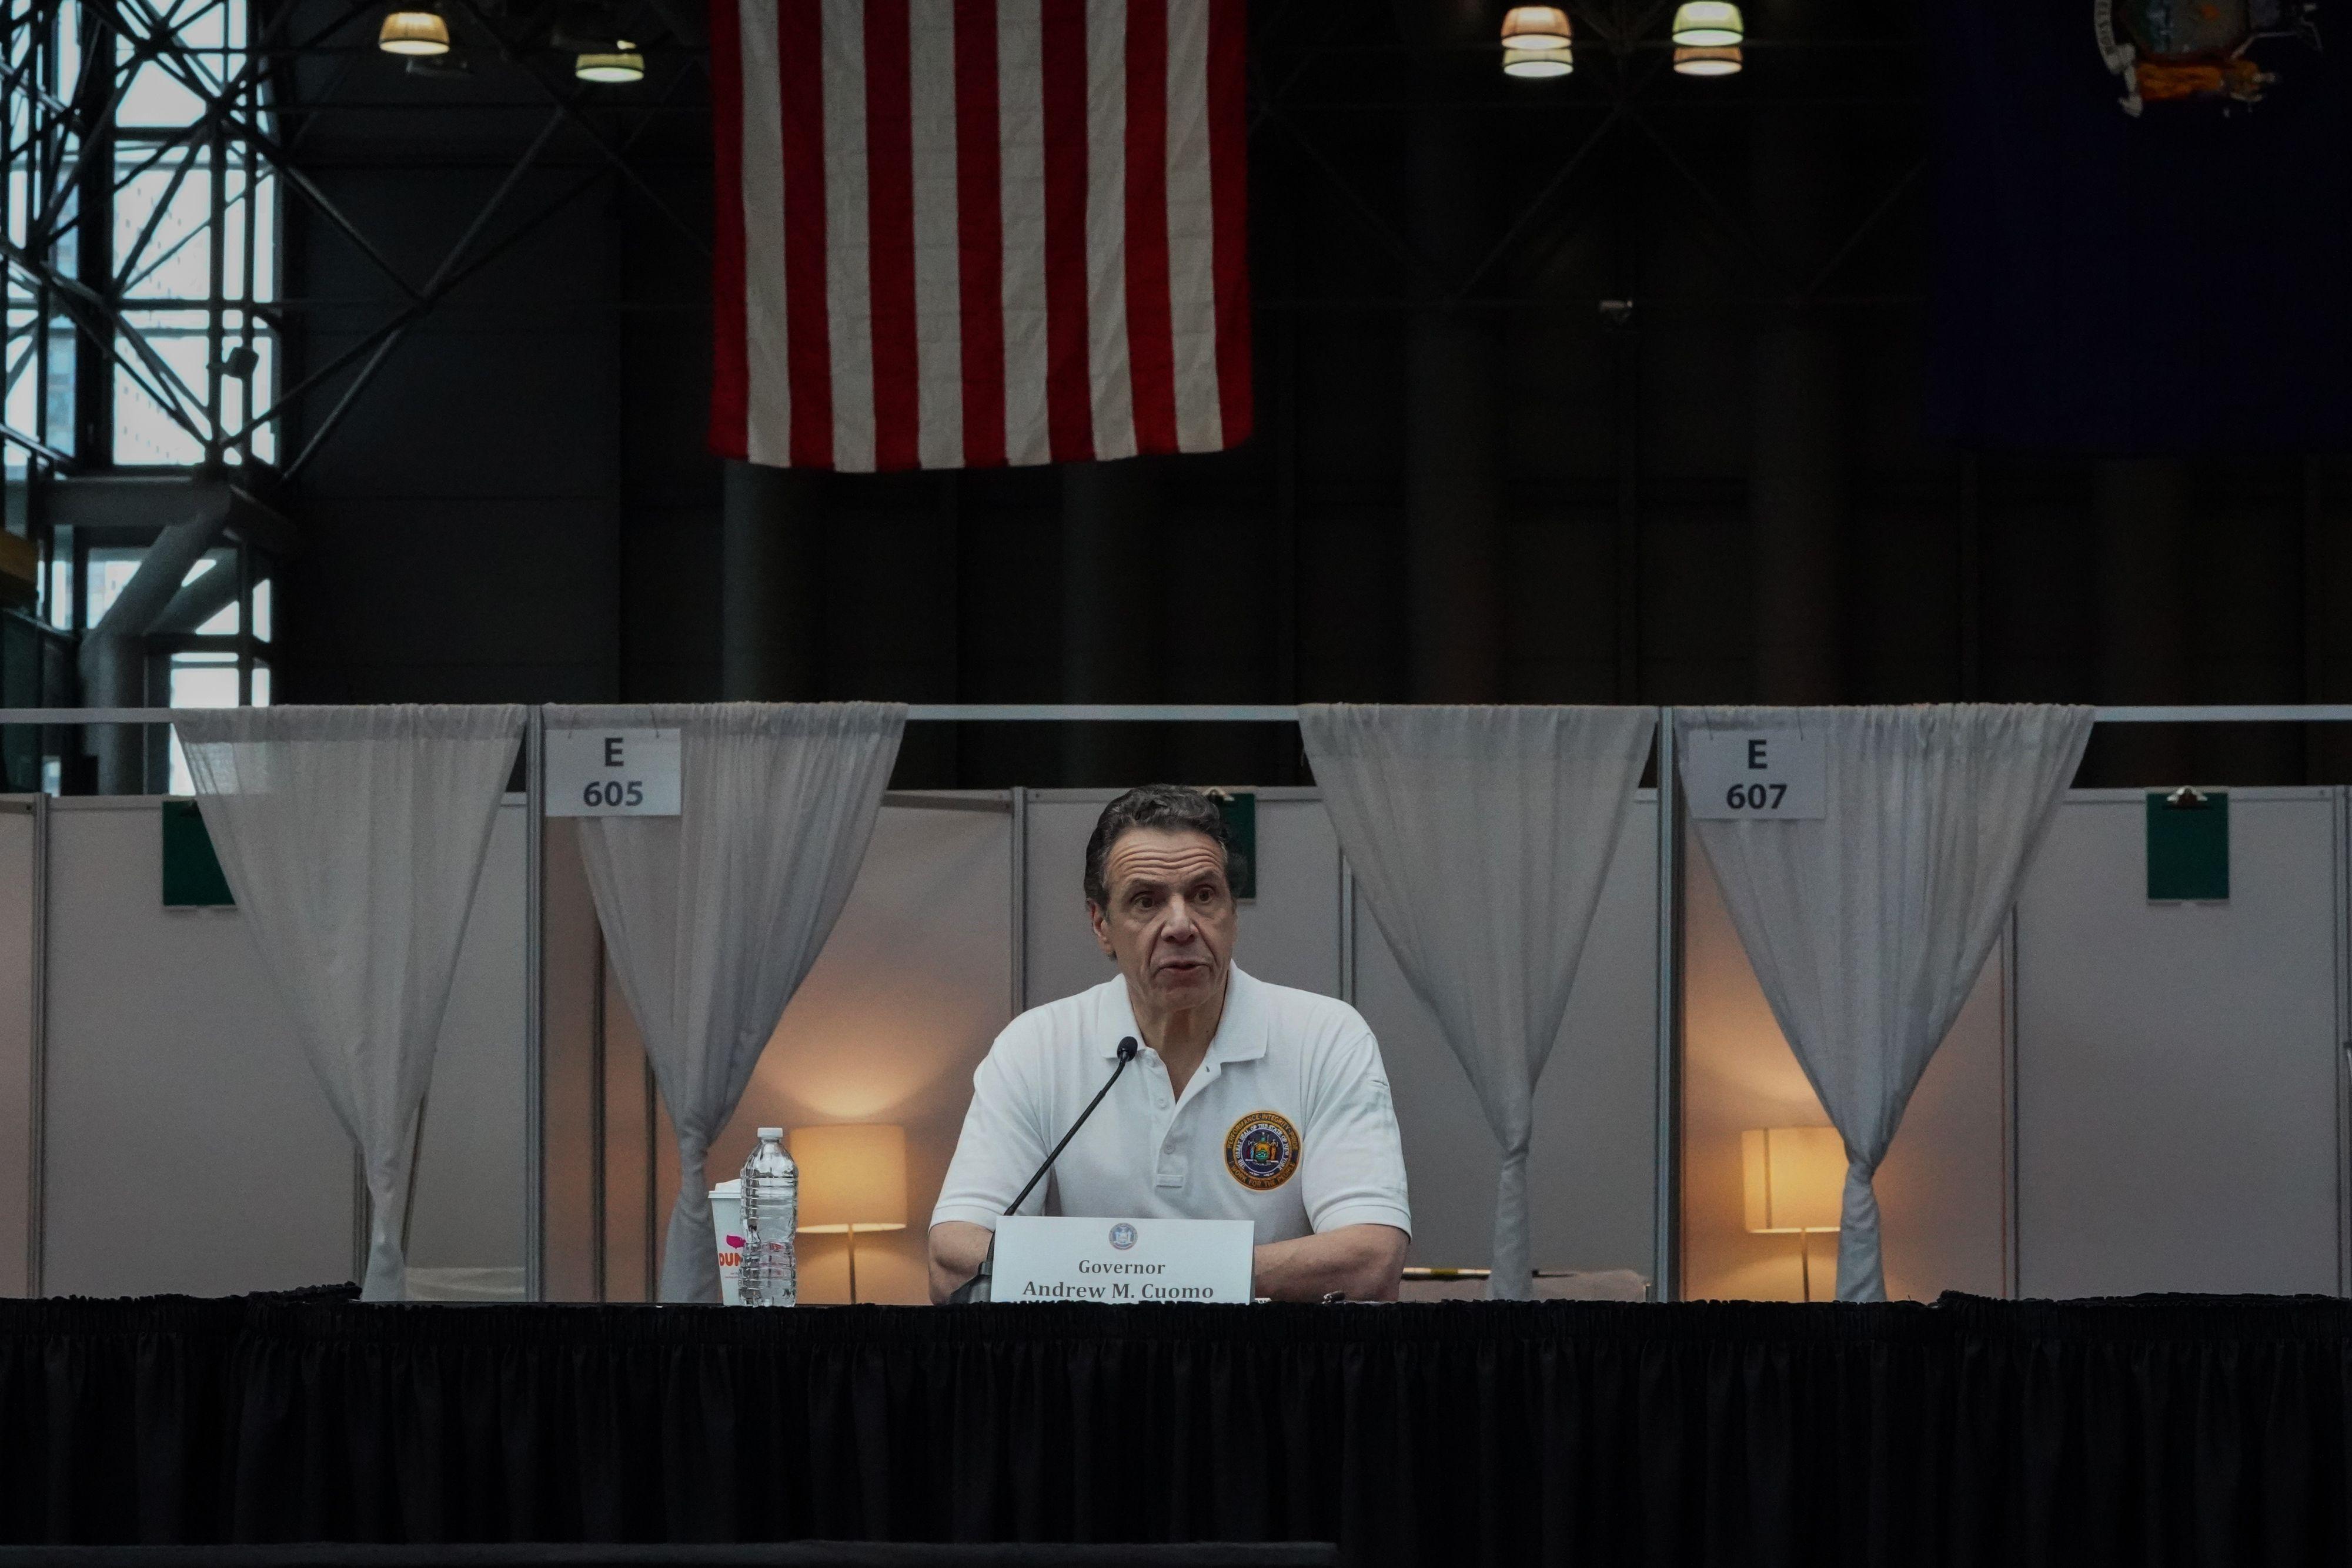 Full Transcript: NY Gov. Cuomo's Rallying Cry to 'Kick Coronavirus Ass'